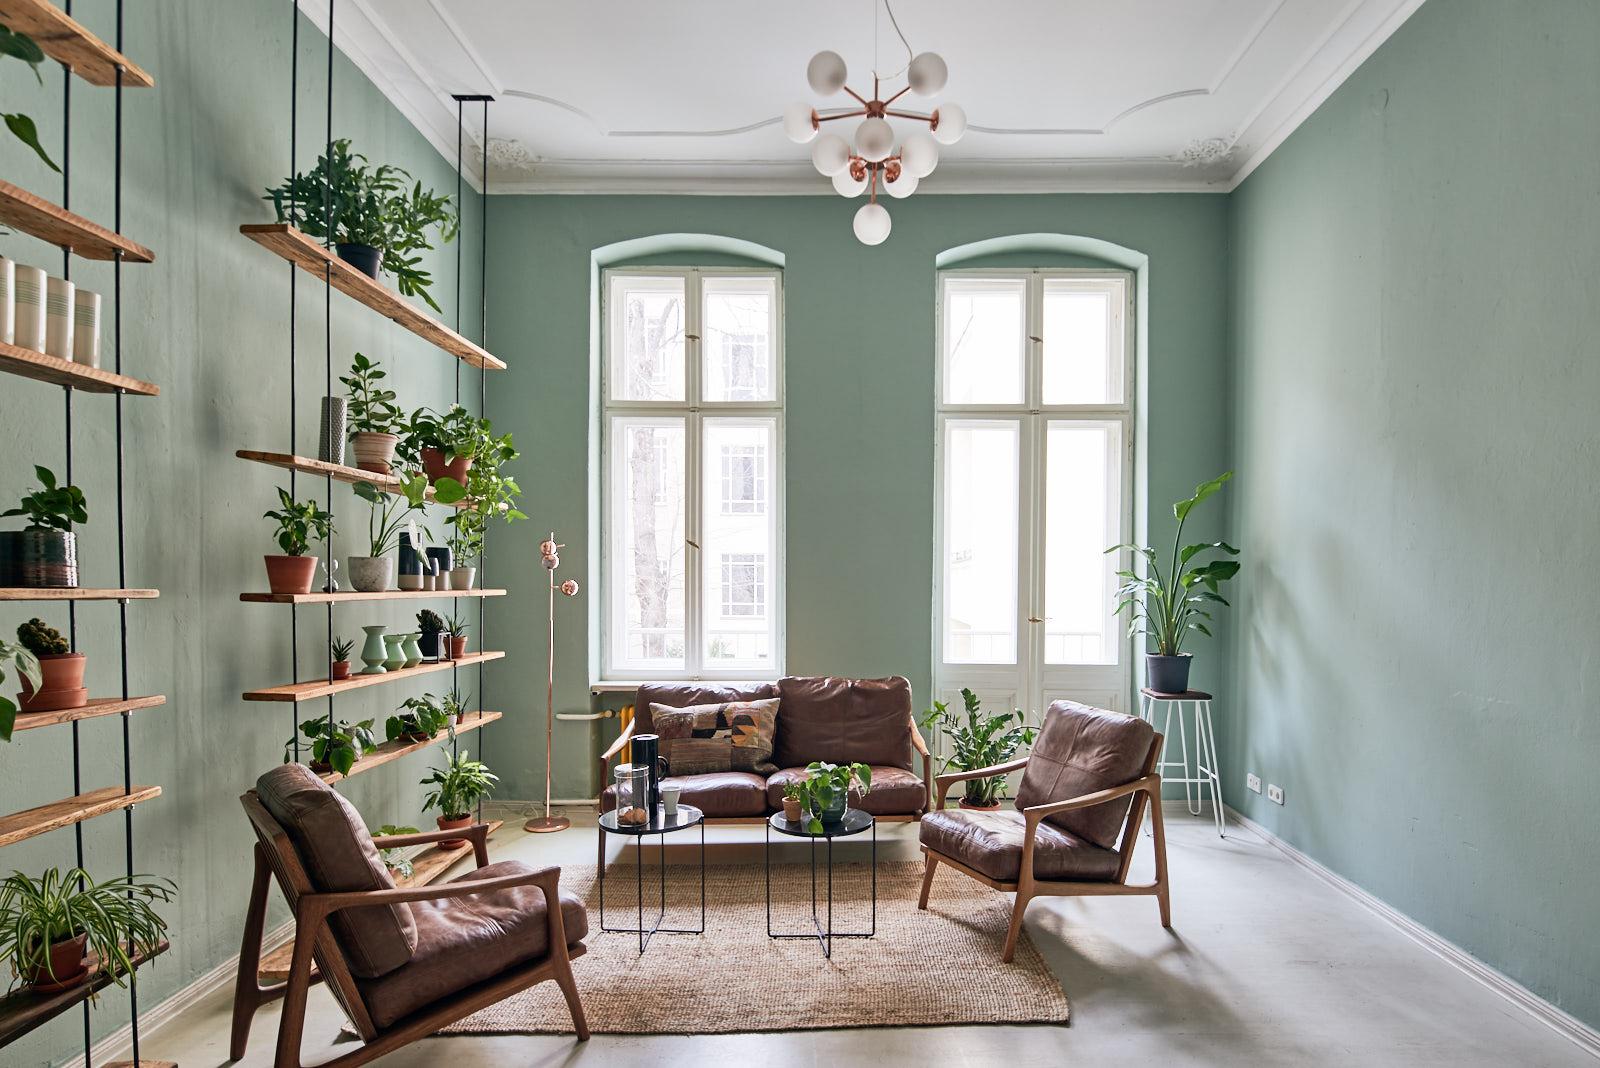 Foto eines grünen Raums mit 2 hohen Fenstern, Regalen und Sofa